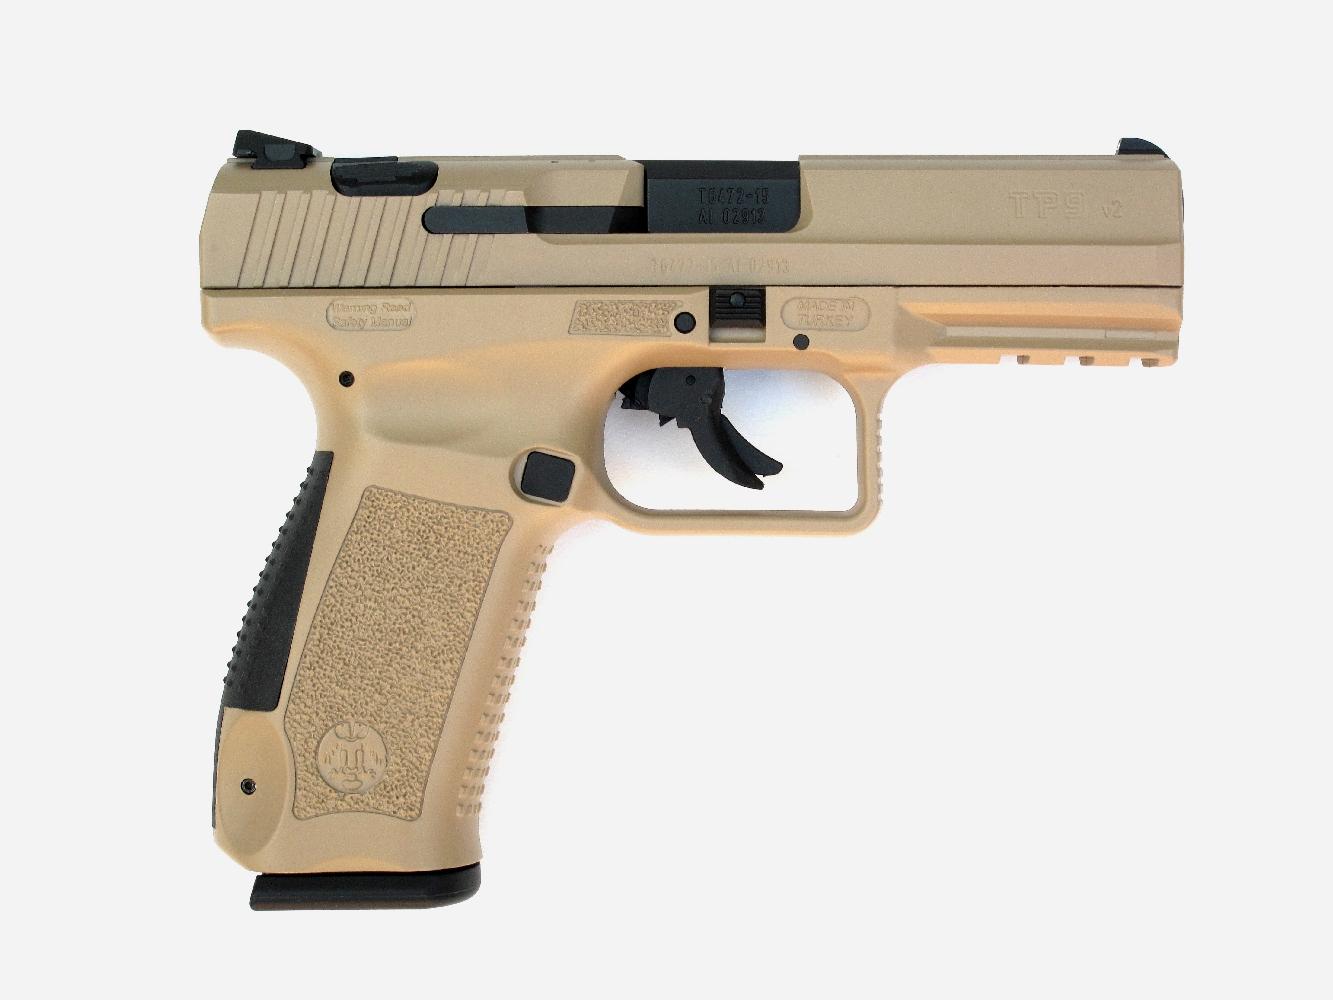 Le TP9 V2 se présente comme une judicieuse synthèse de diverses caractéristiques empruntées aux autres pistolets de combat à carcasse en polymère tels que le Glock 17 et le Walther P99.